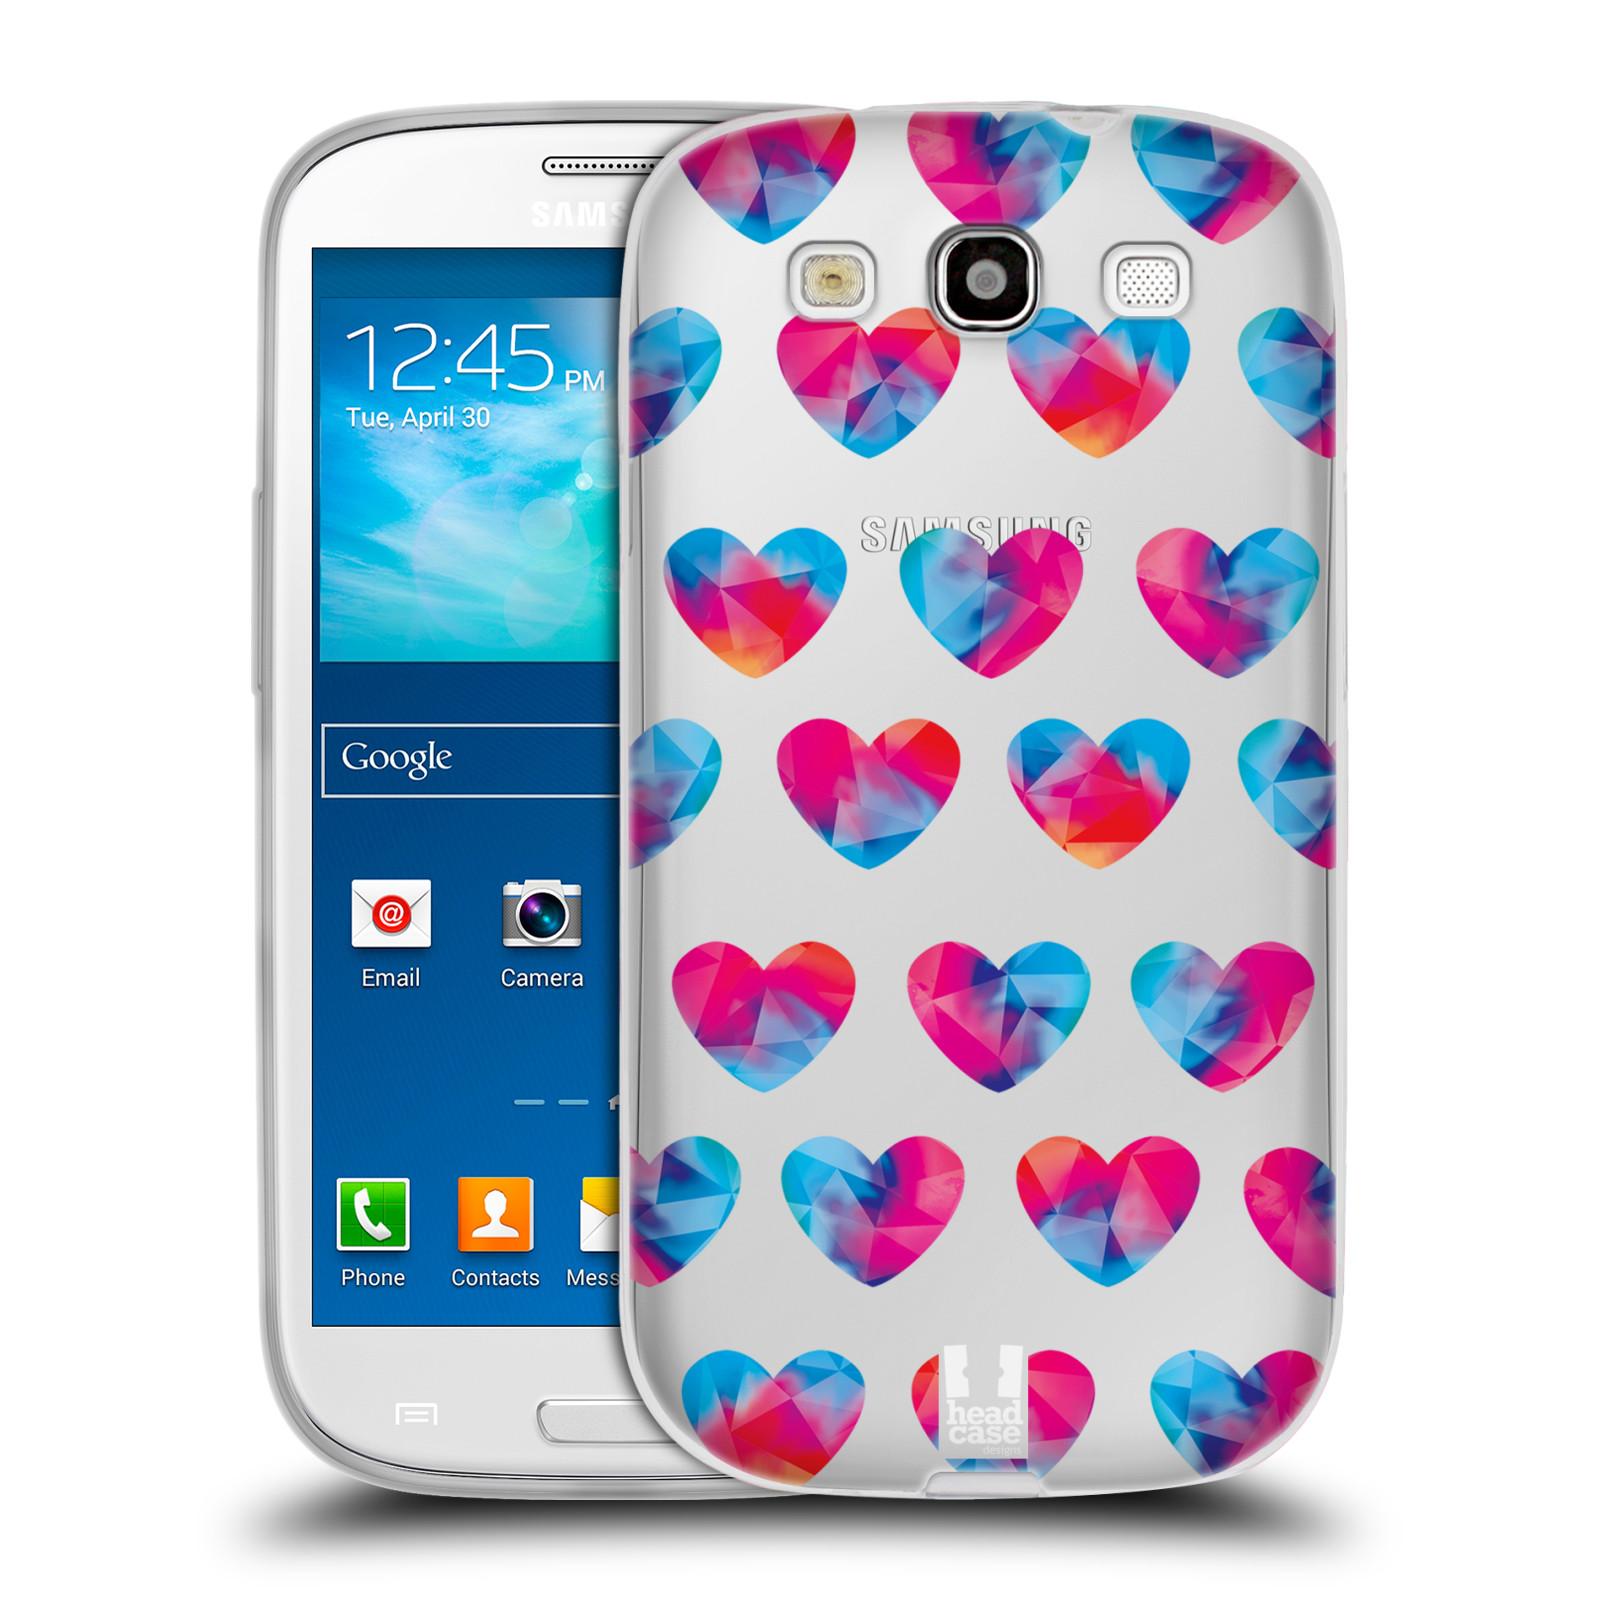 Silikonové pouzdro na mobil Samsung Galaxy S3 Neo - Head Case - Srdíčka hrající barvami